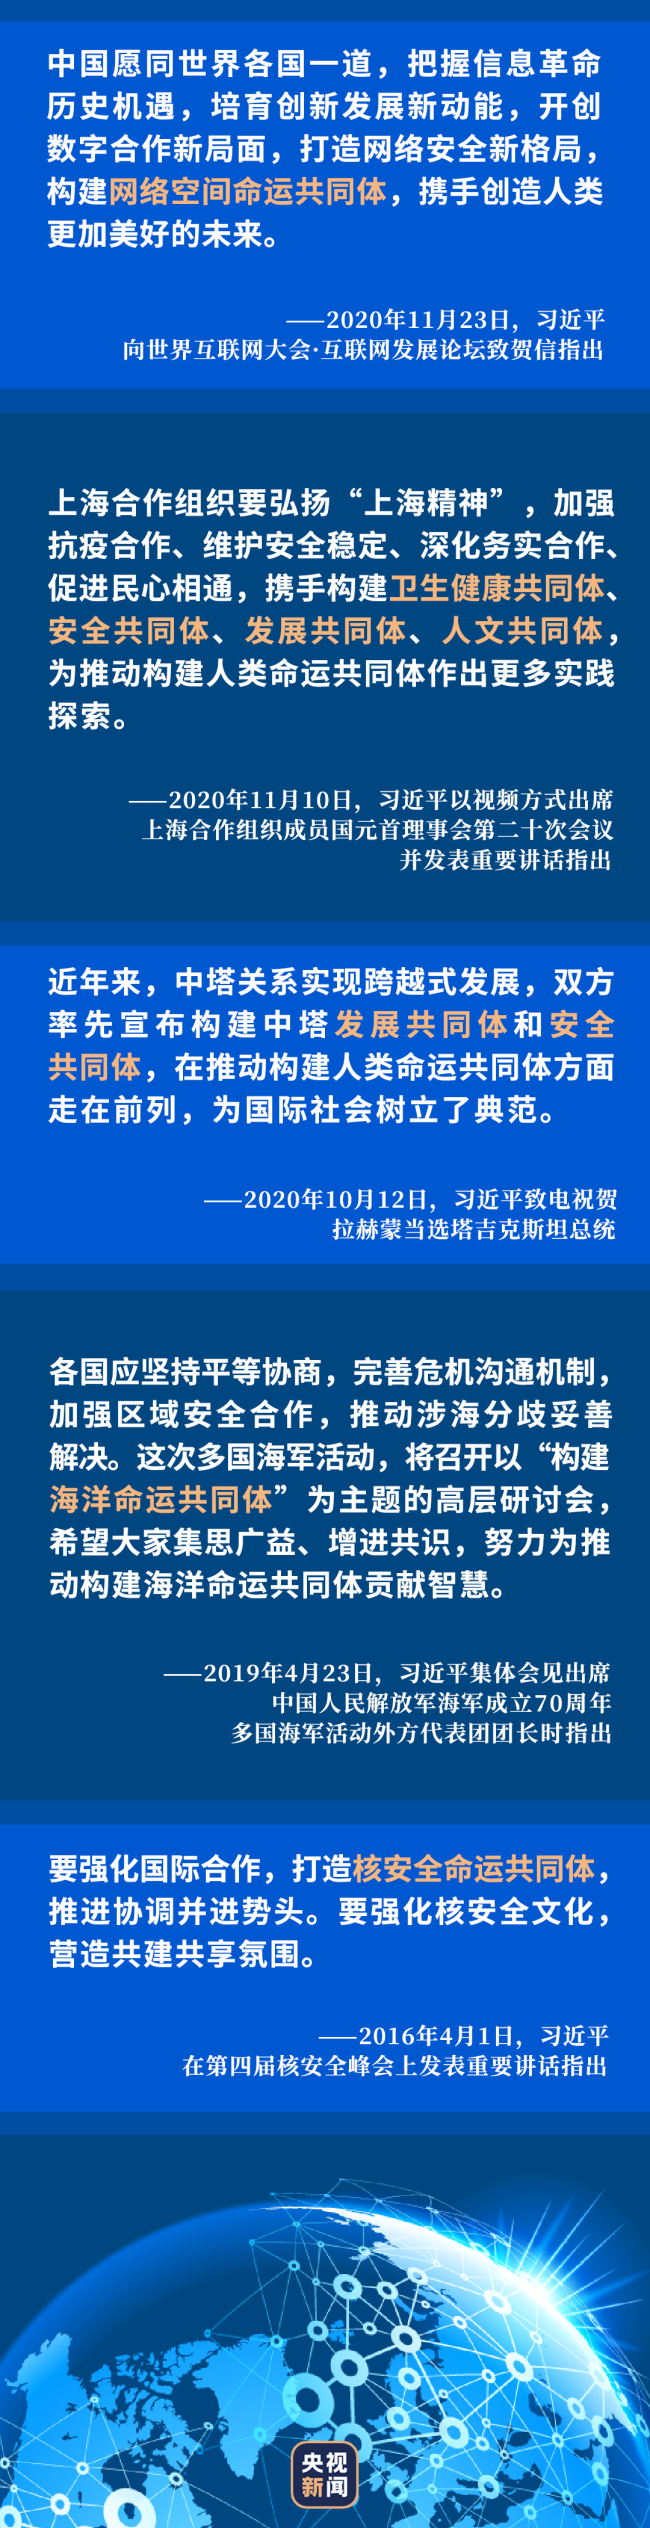 """人类命运与共,中国推动构建更丰富多样""""共同体"""""""